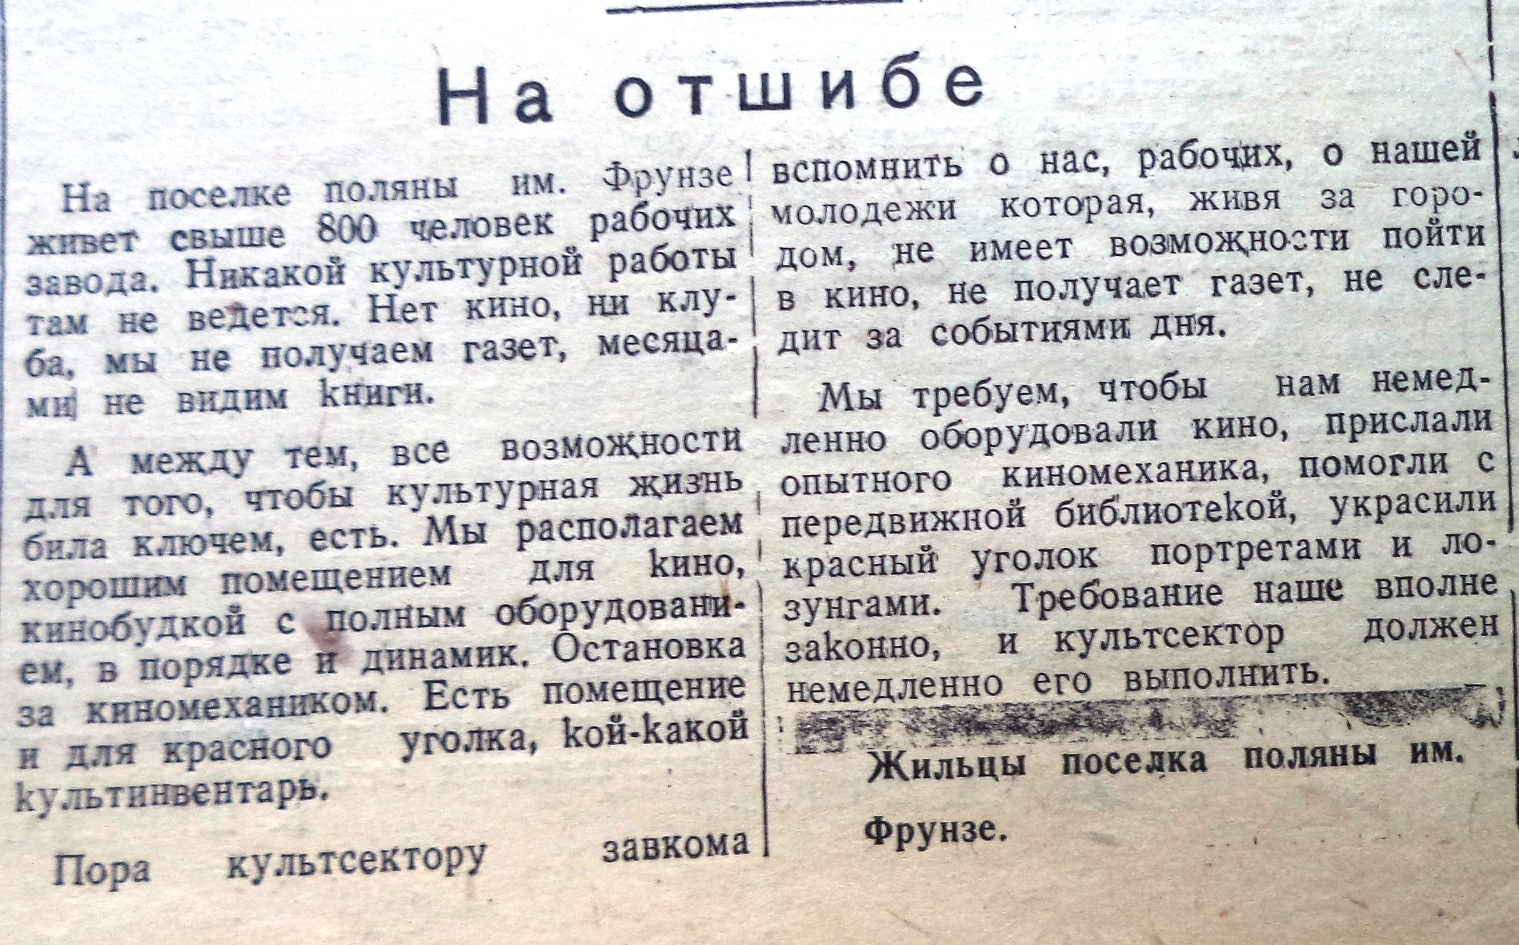 Ново-Садовая-ФОТО-121-Сталинский Призыв-1944-5 июля